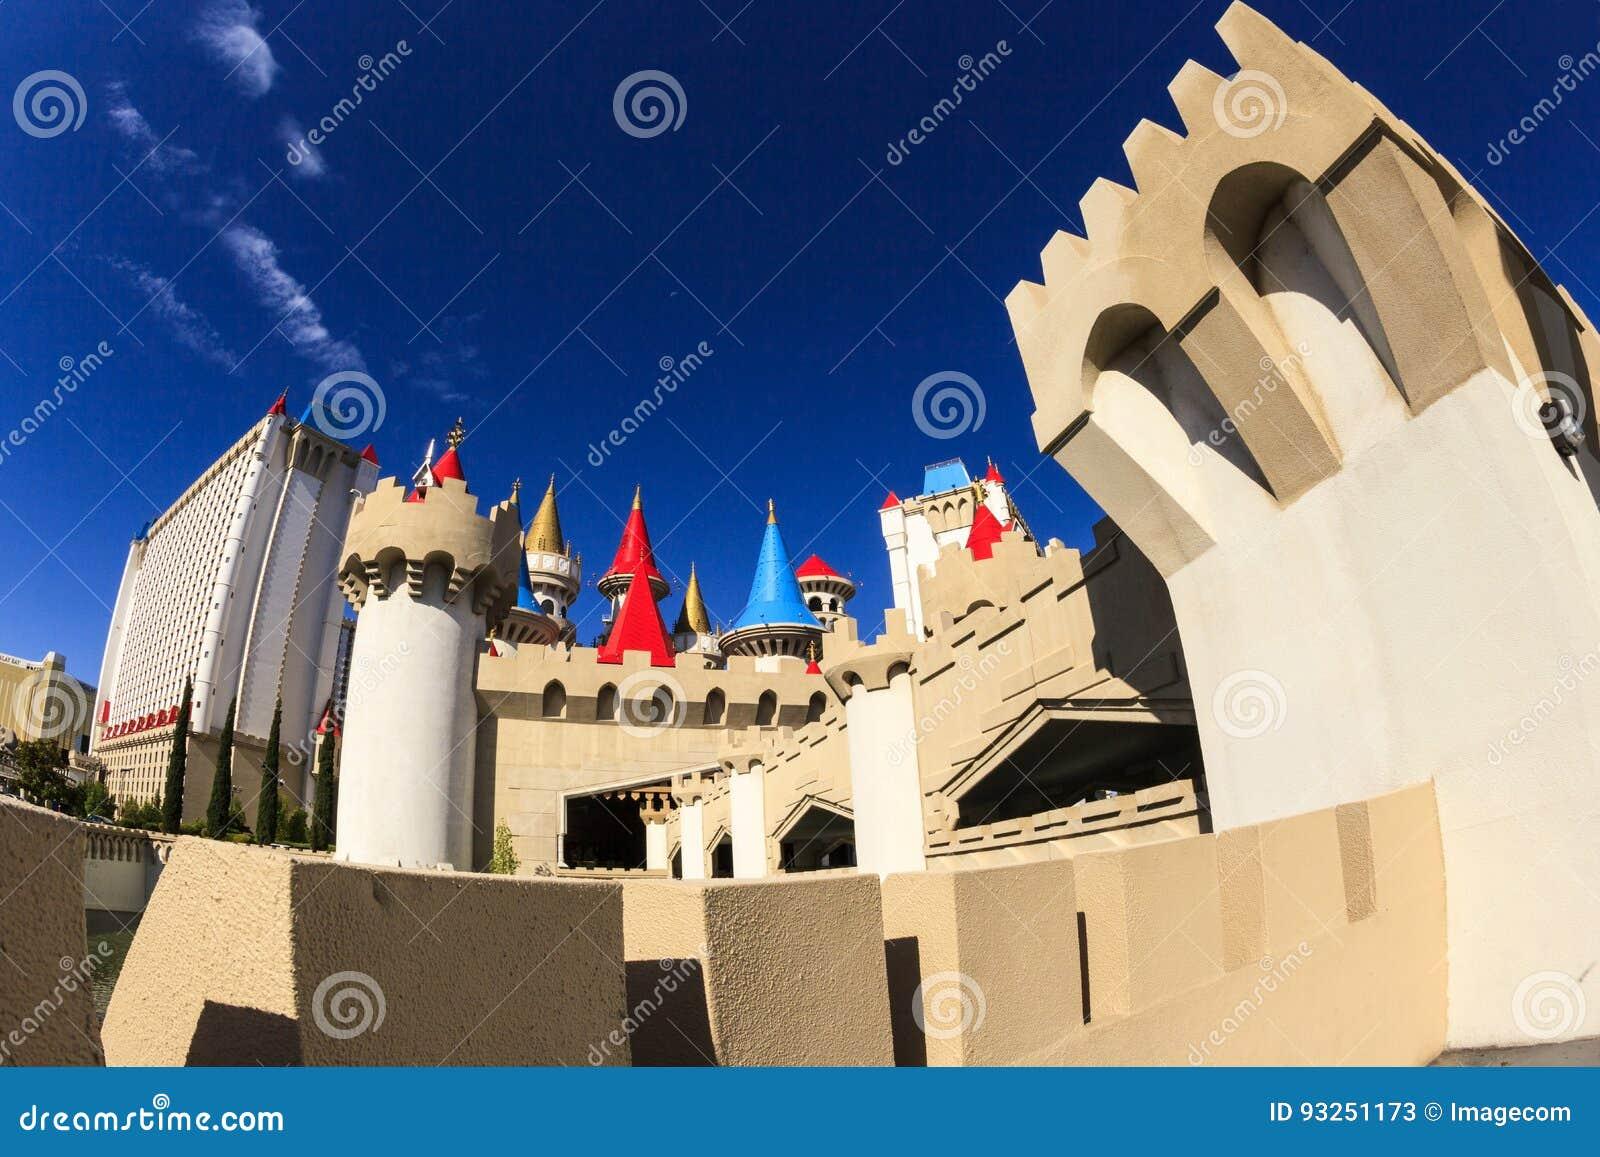 El hotel y el casino - Las Vegas de Excalibur